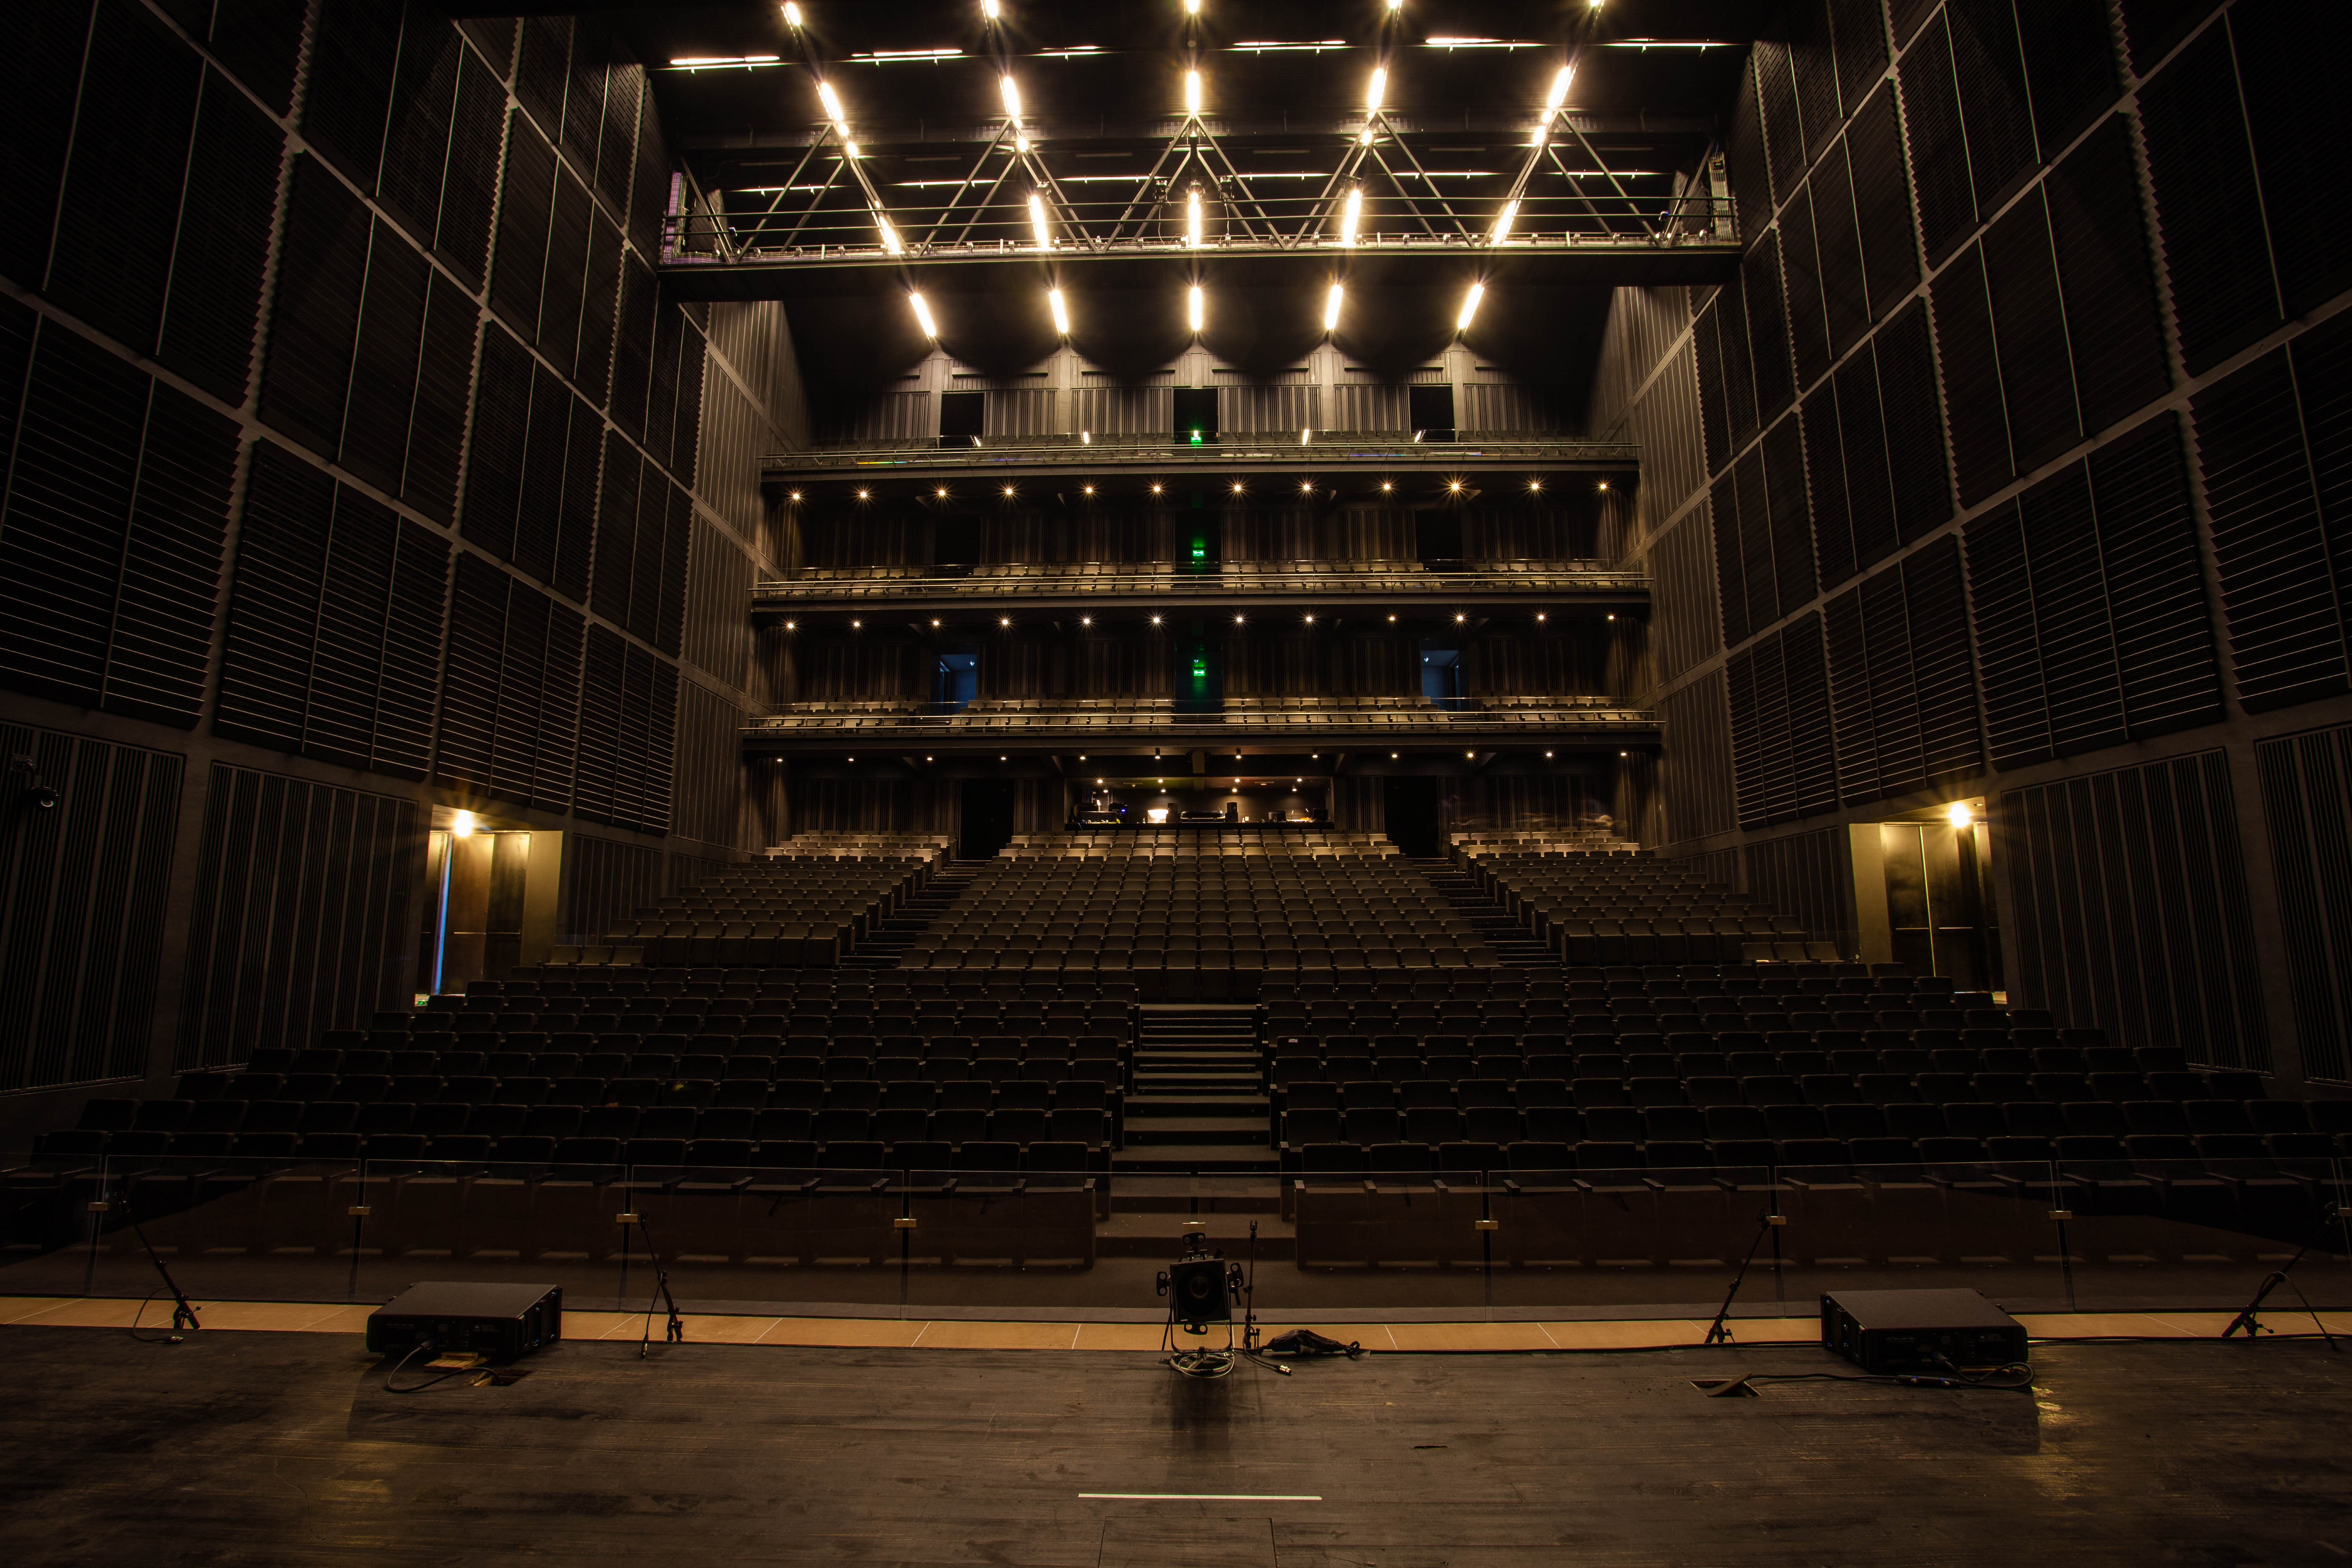 teatro-regional-bio-bio-smiljan-radic-4